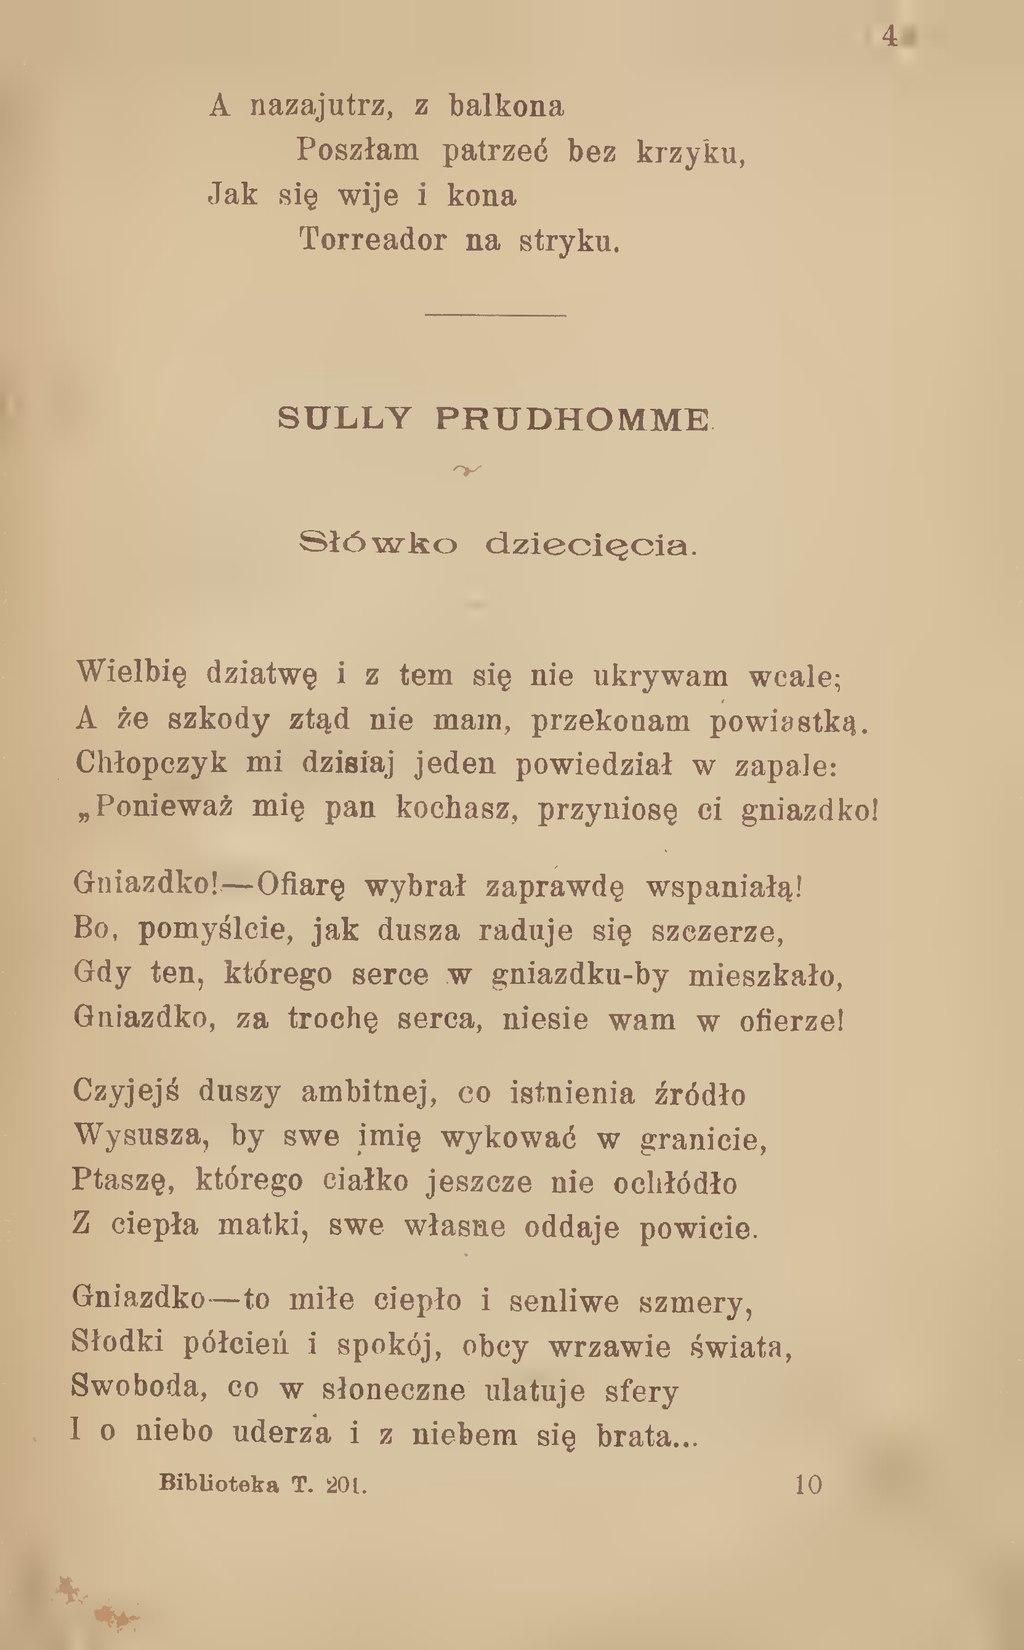 Stronagomulickiego Wiktora Wiersze Zbiór Nowydjvu148